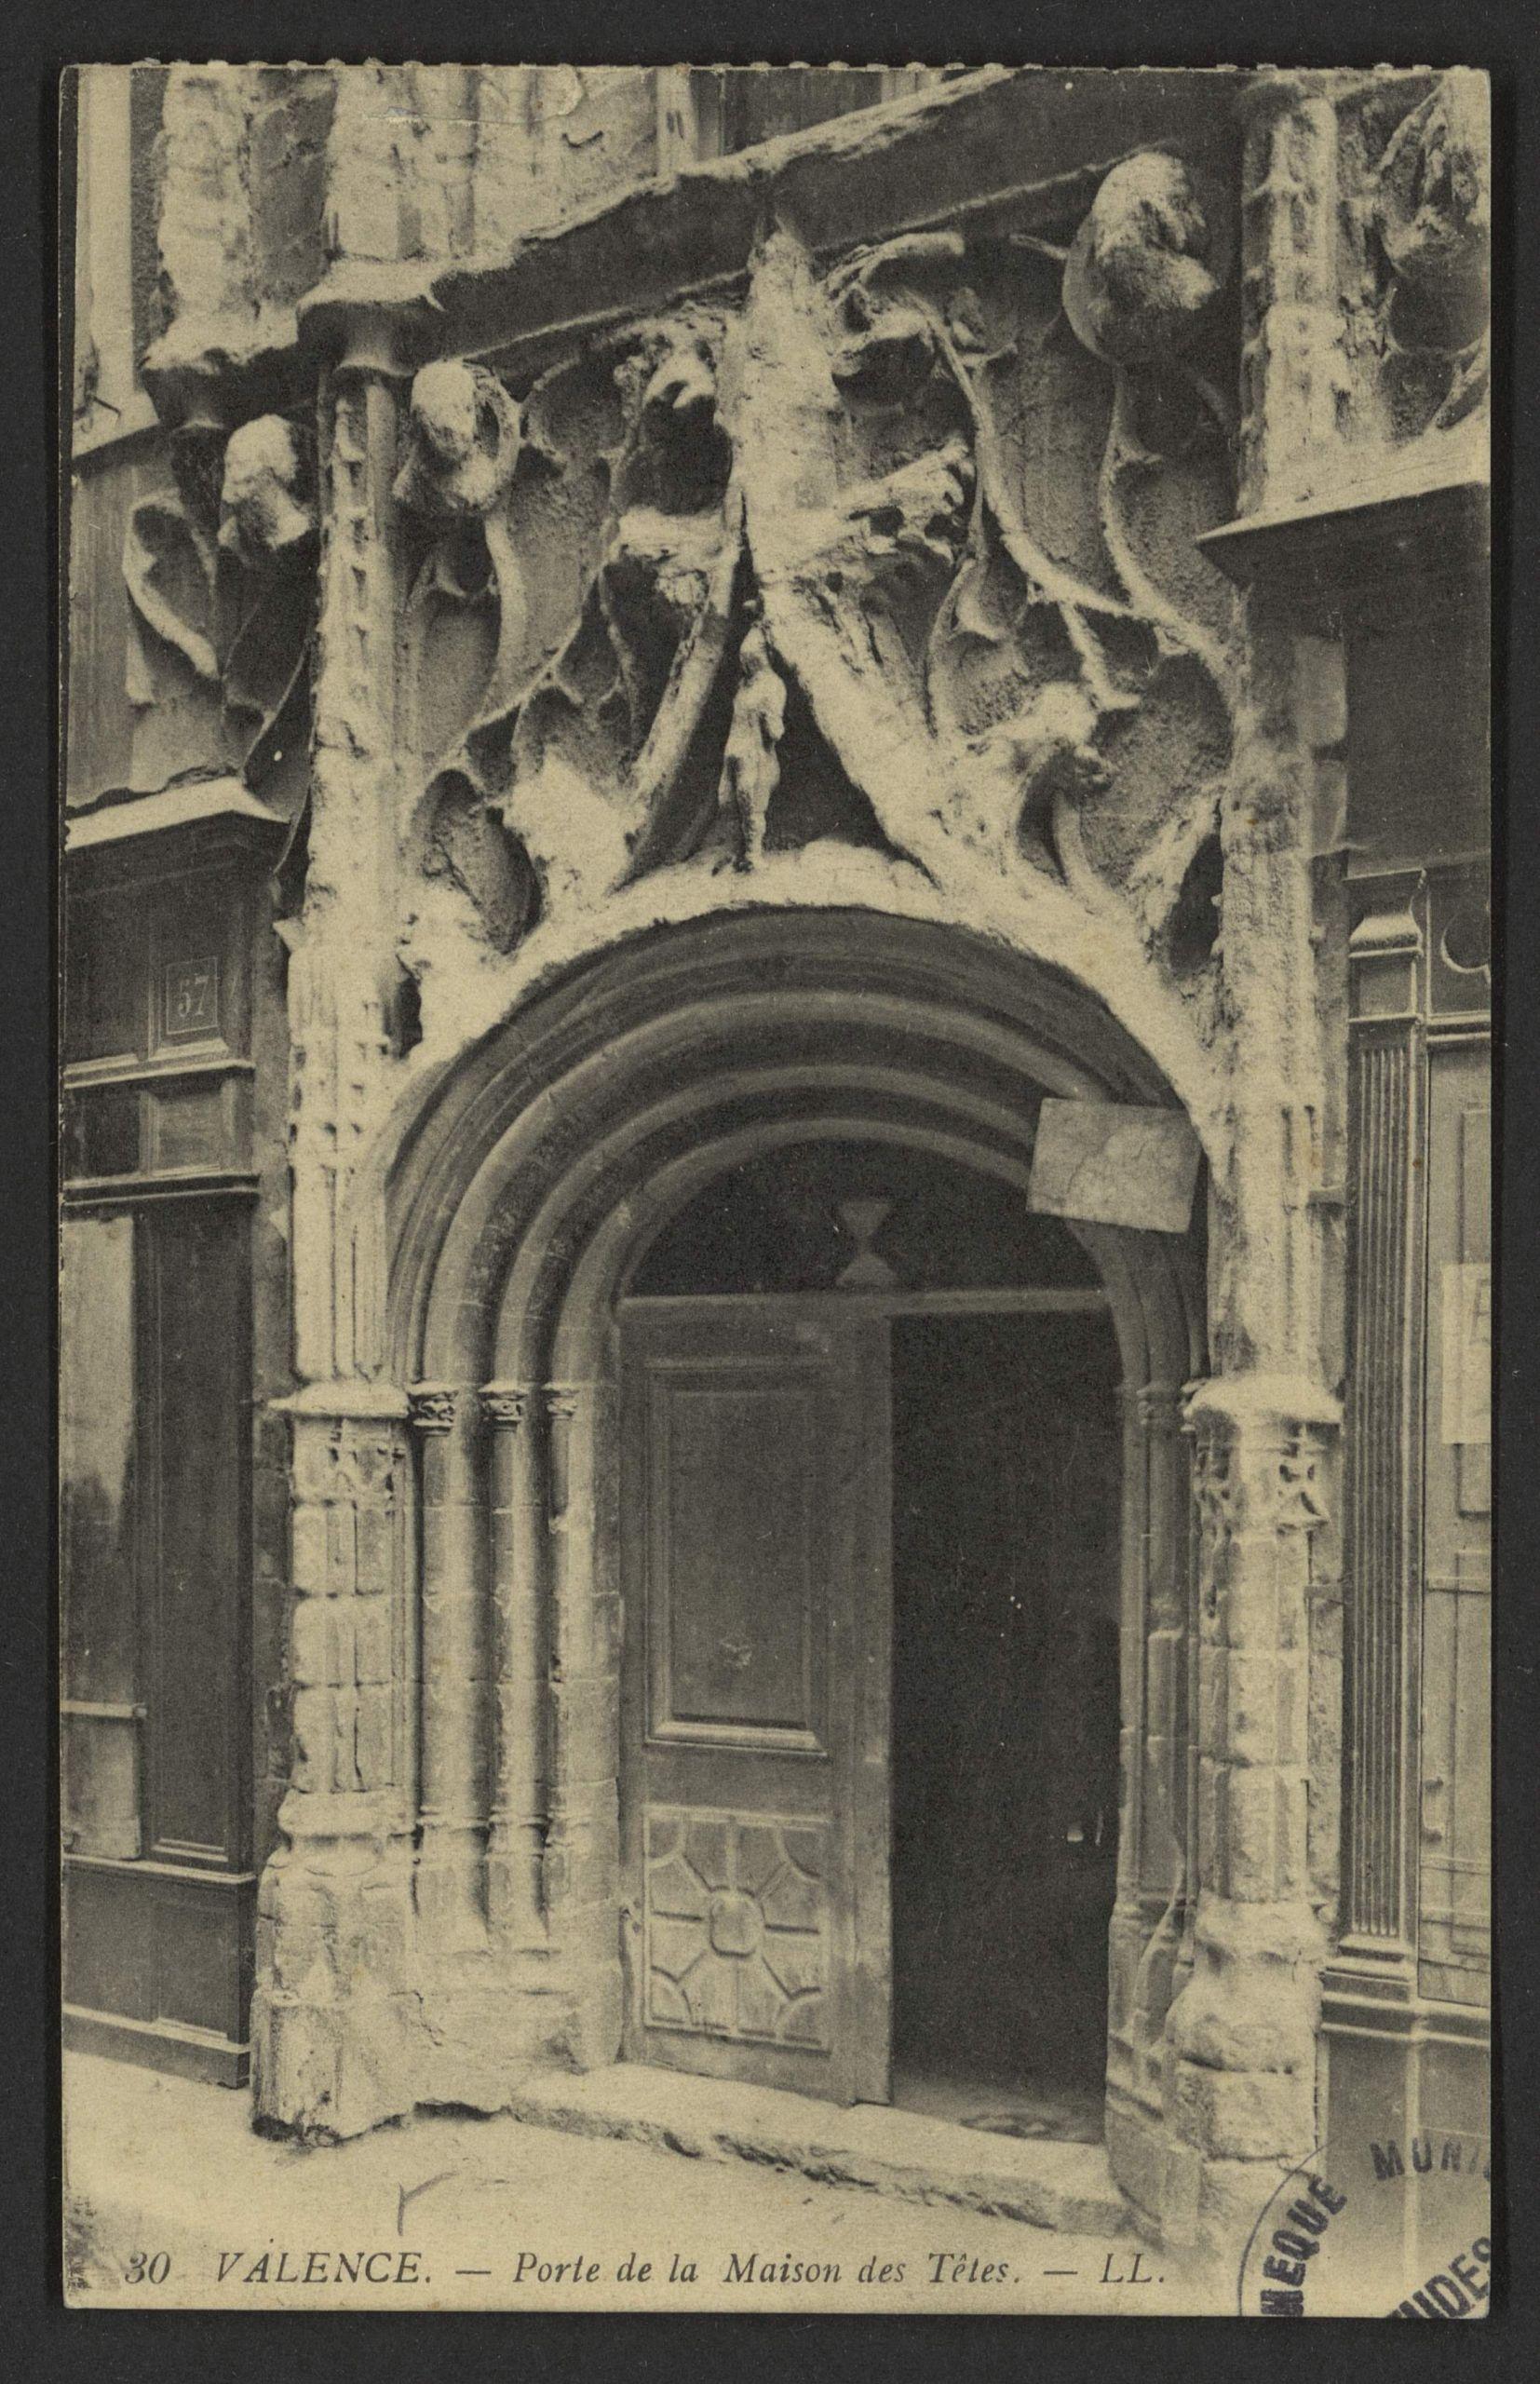 But Portes Les Valence Élégant File Valence Porte De La Maison Des Tªtes Of 31 Luxe but Portes Les Valence